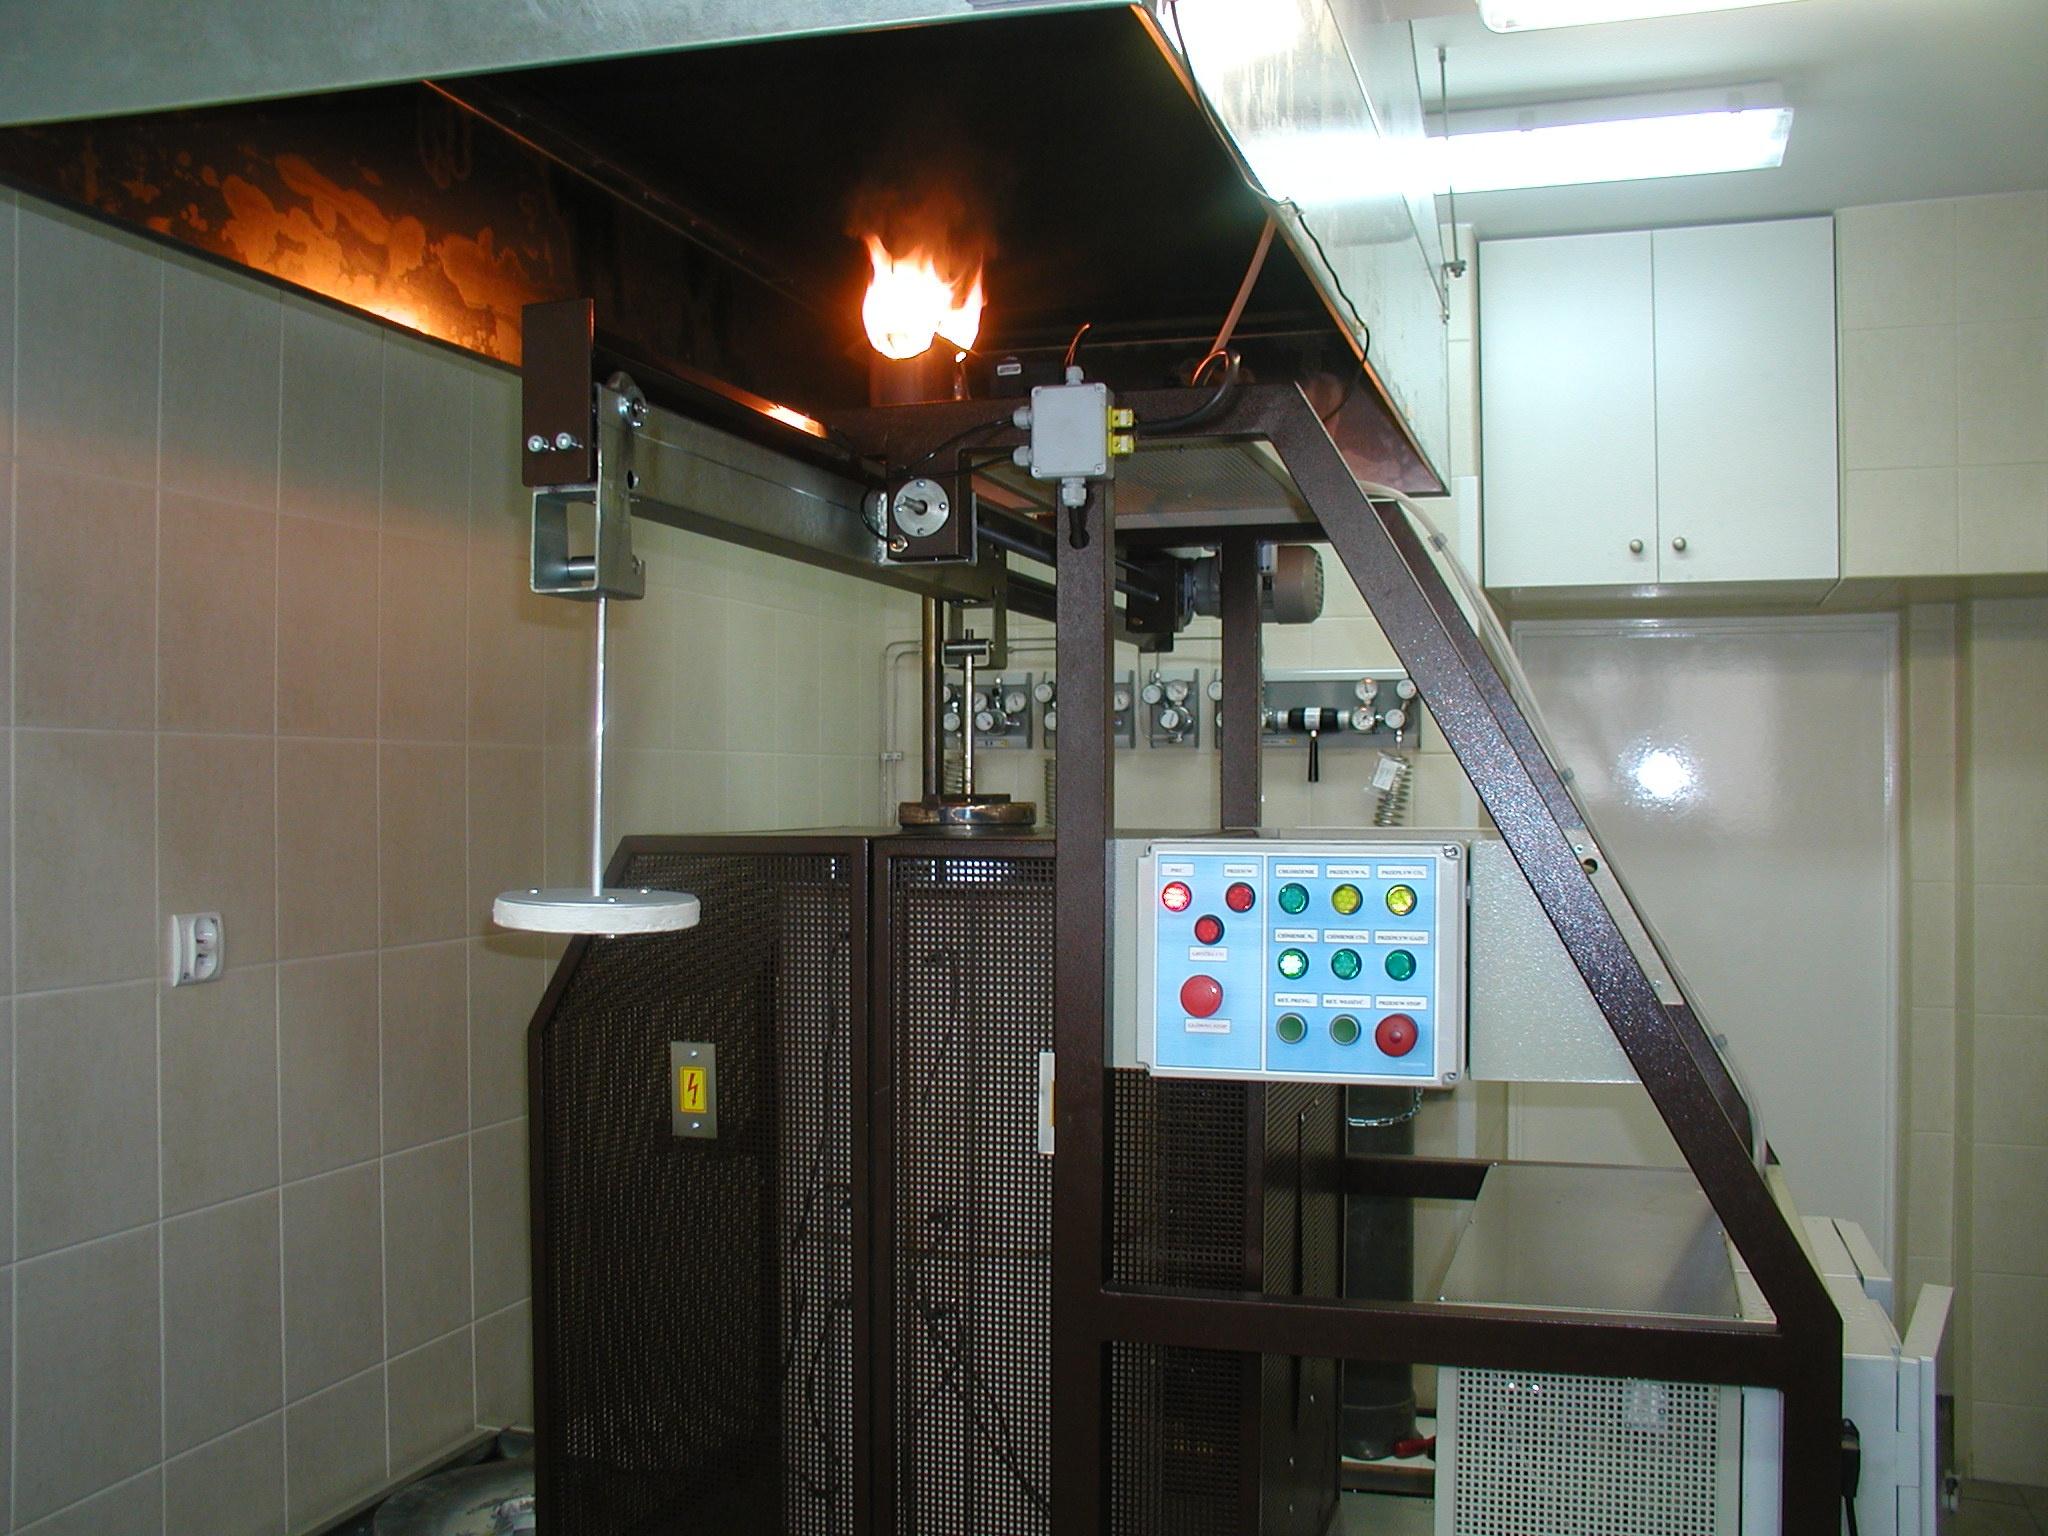 Pohled na zařízení RF-33/KK během koksování - - - View of the RF-33/KK during coking